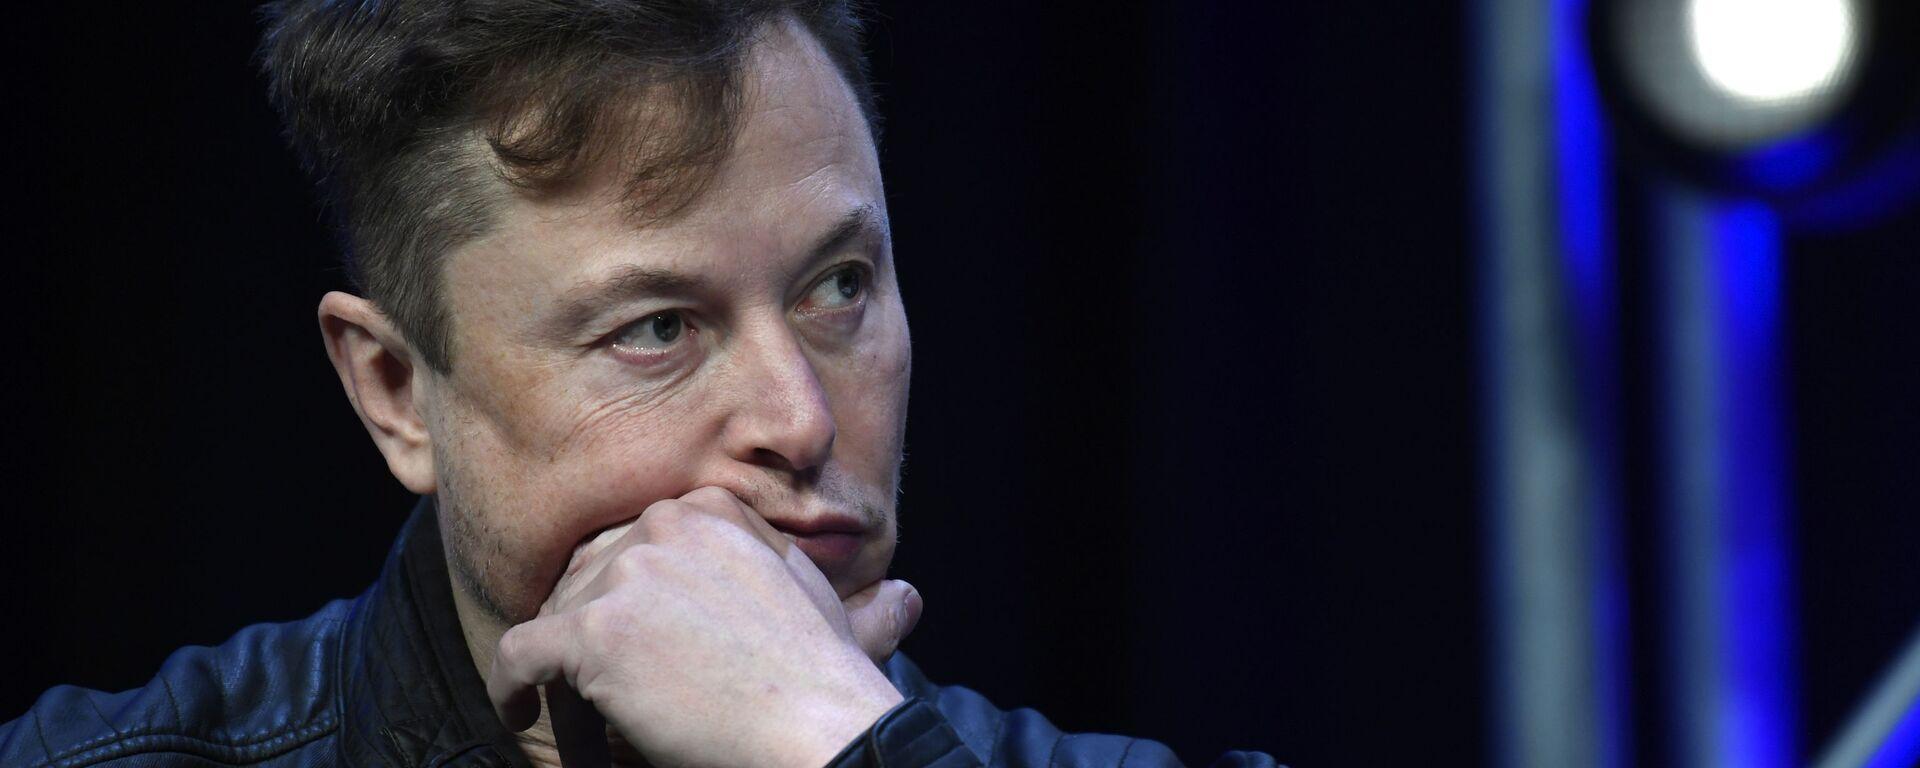 Elon Musk, fundador de Tesla - Sputnik Mundo, 1920, 29.06.2020